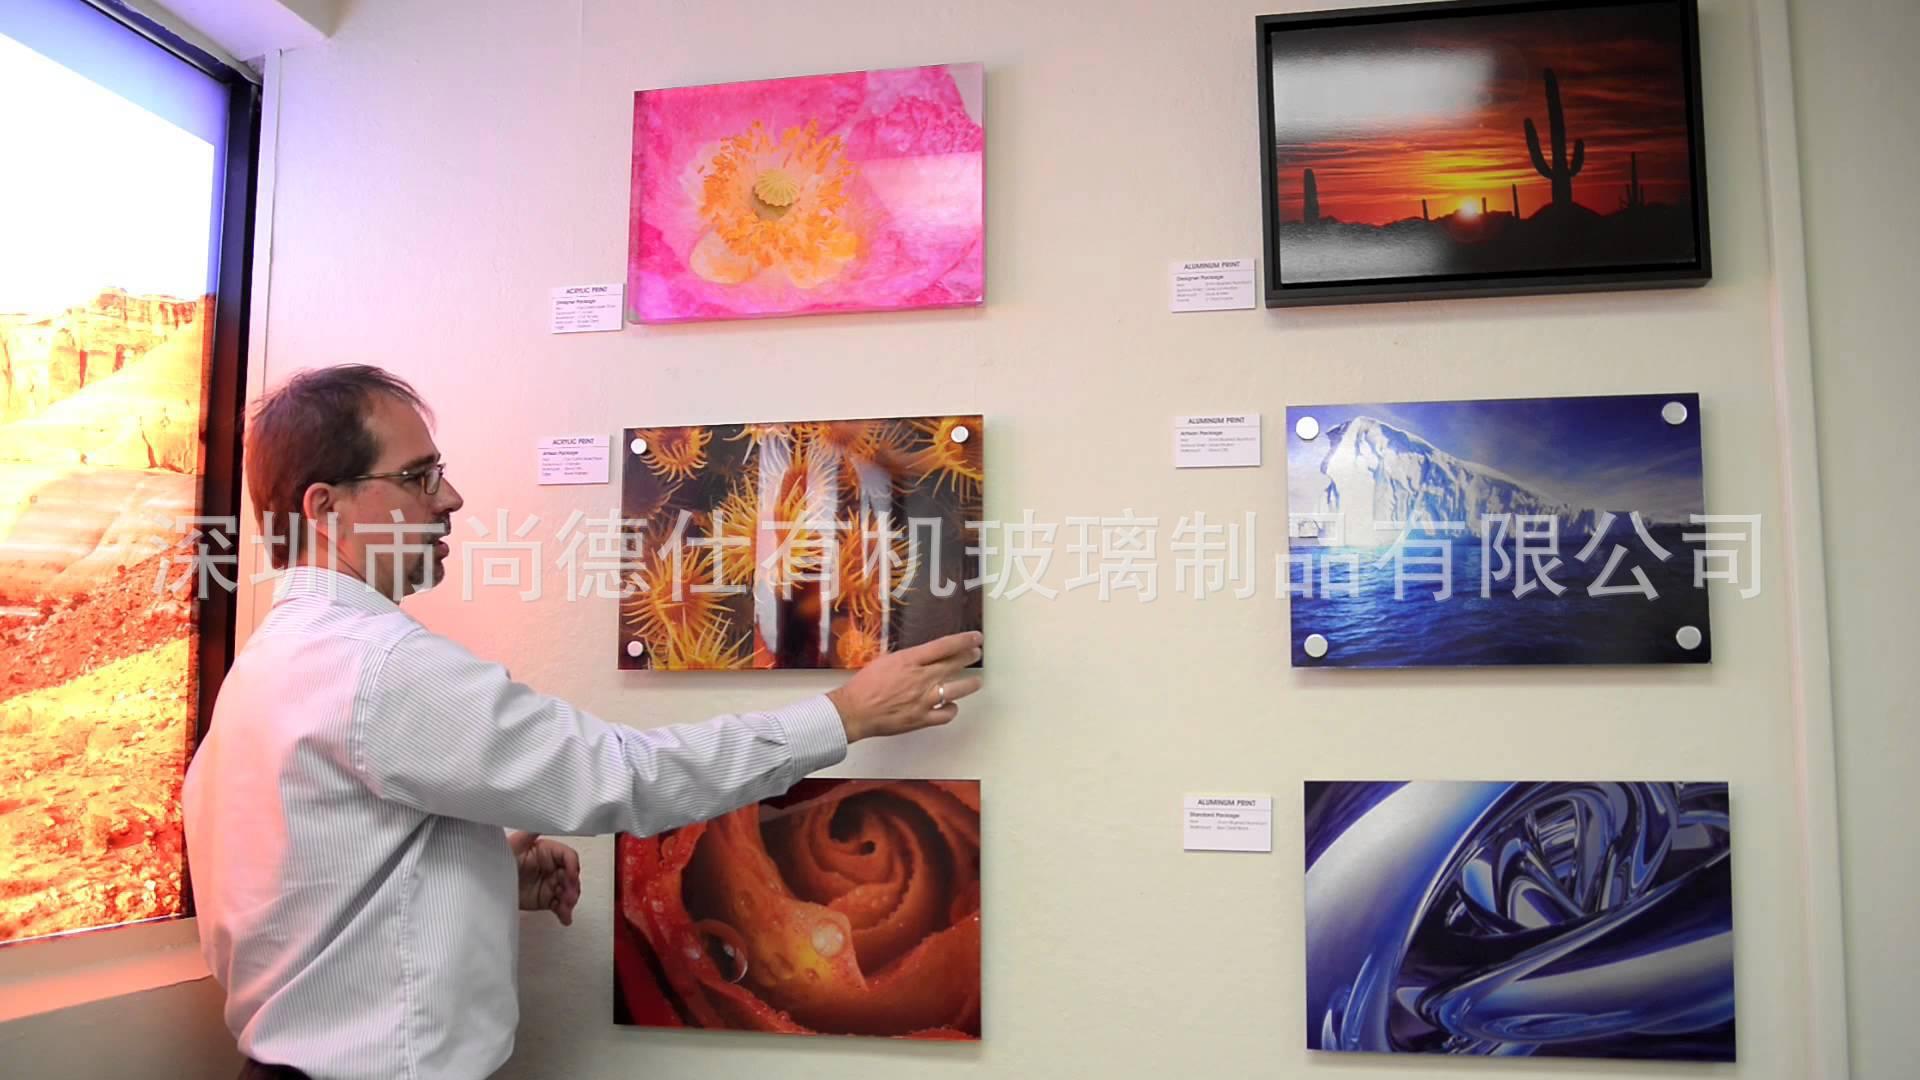 惠州市高清uv打印加工 亚克力玻璃铝塑板ps盘发泡板数码打印加工